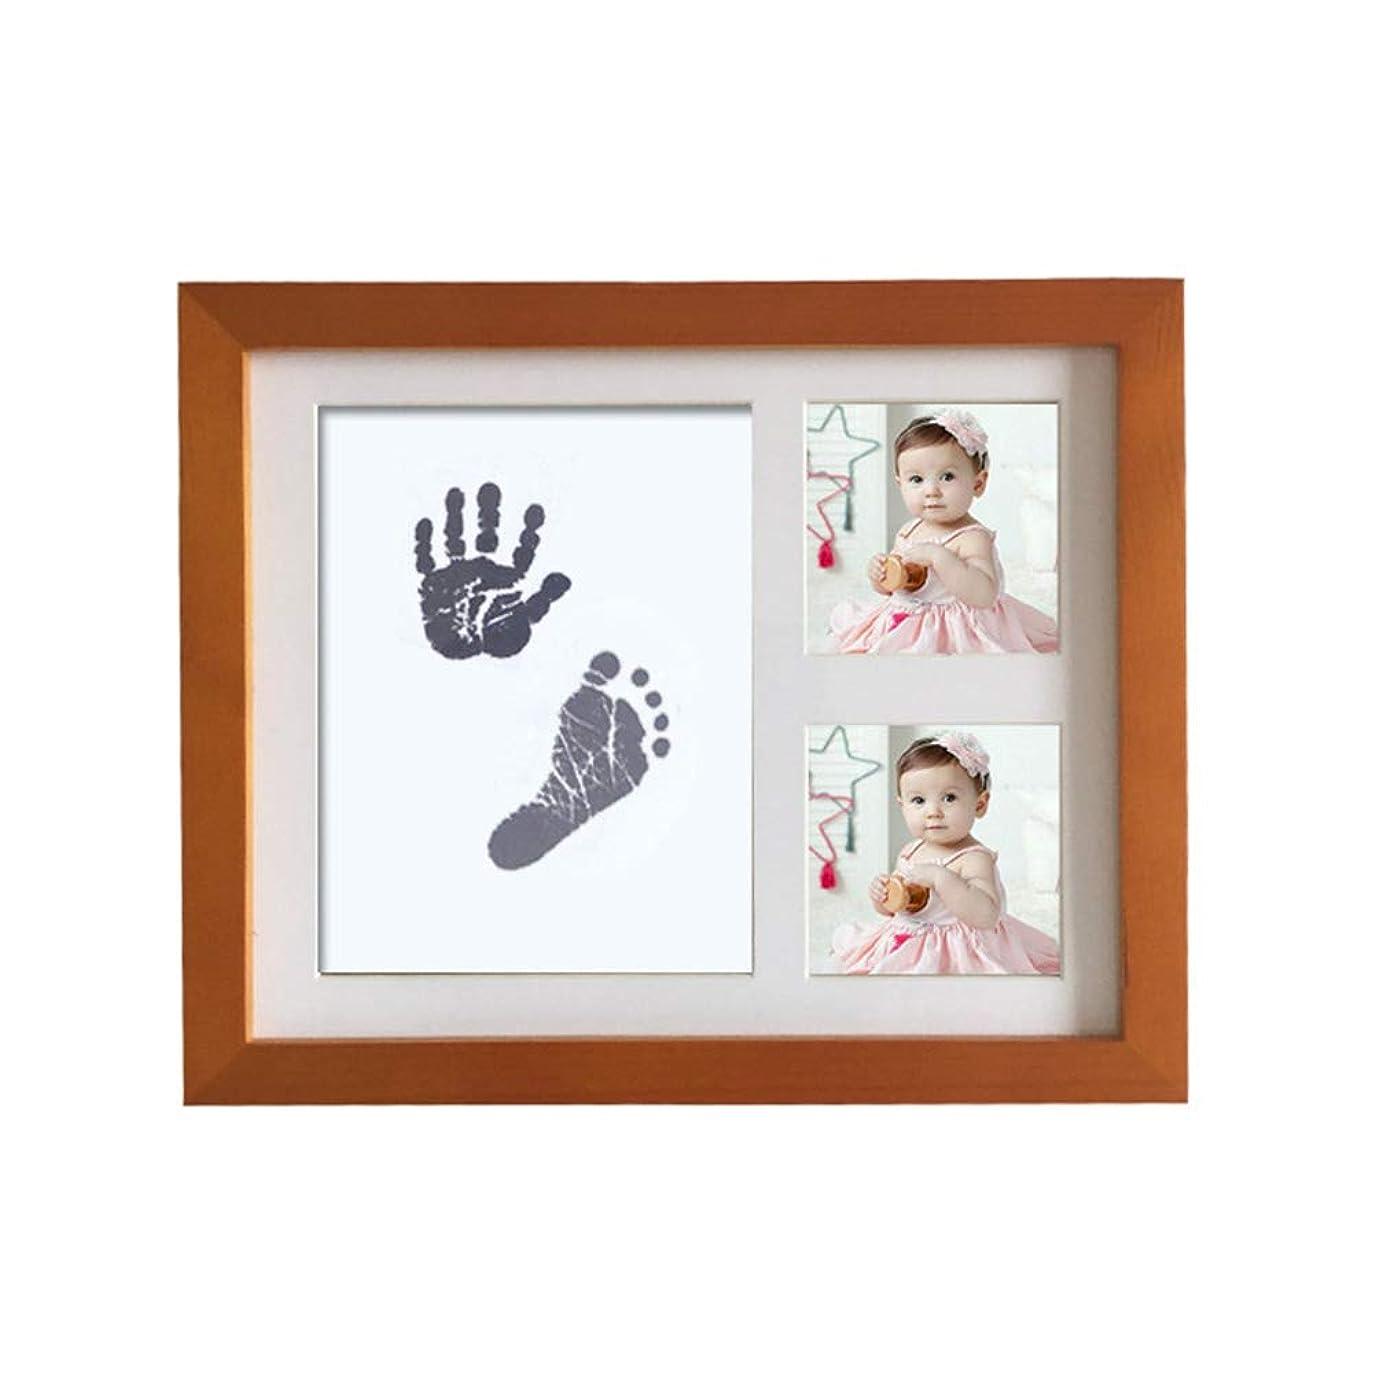 ビデオ逆説ワークショップベビーフレーム 手形 足形 足跡フレーム フォトフレーム 写真立て 赤ちゃん 無毒で安全 出産祝い 内祝い 贈り物 ベビー記念品